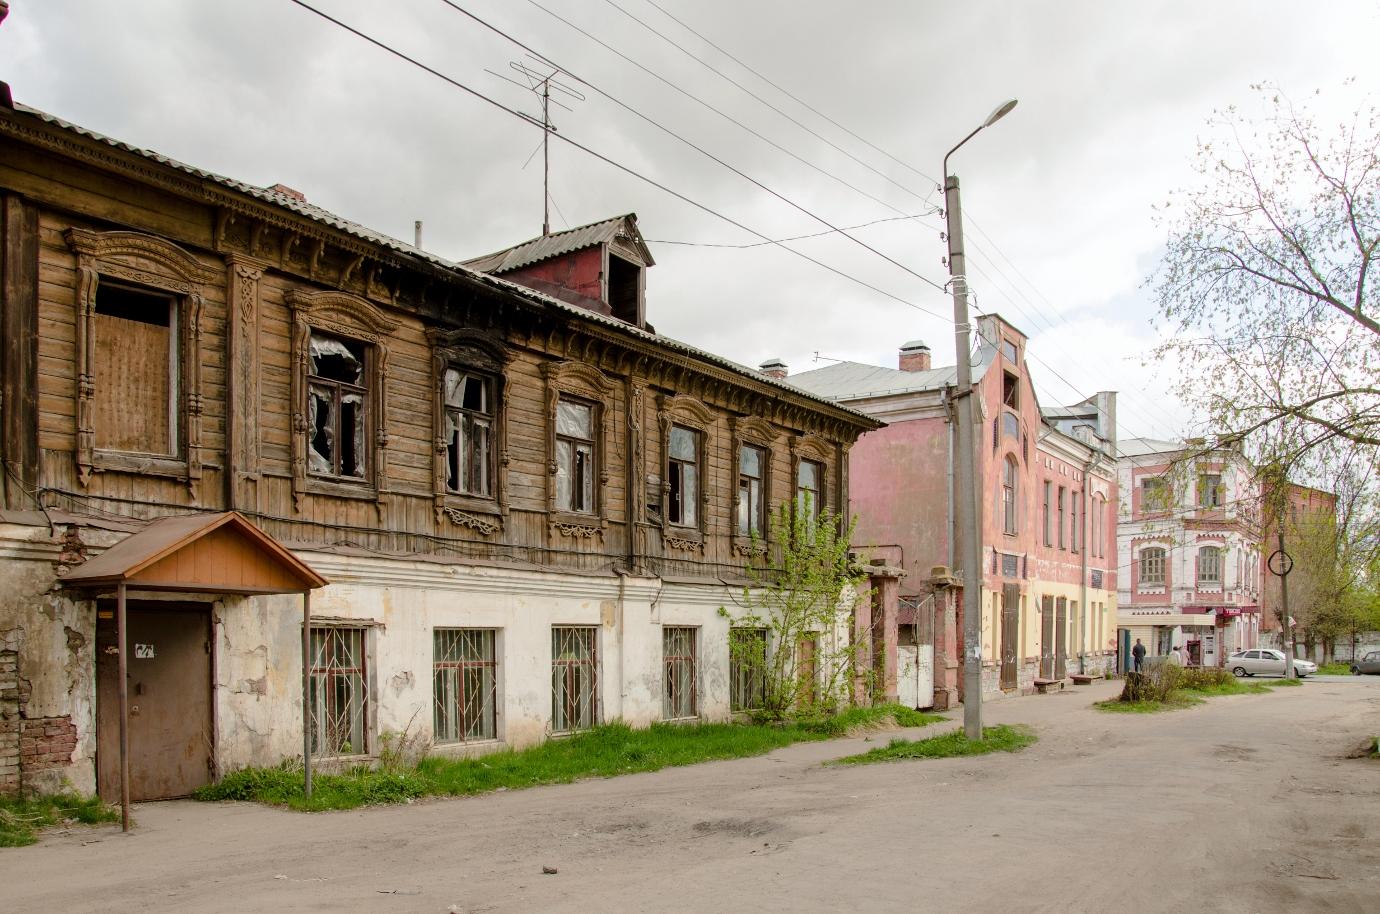 Улица в городе Шуя